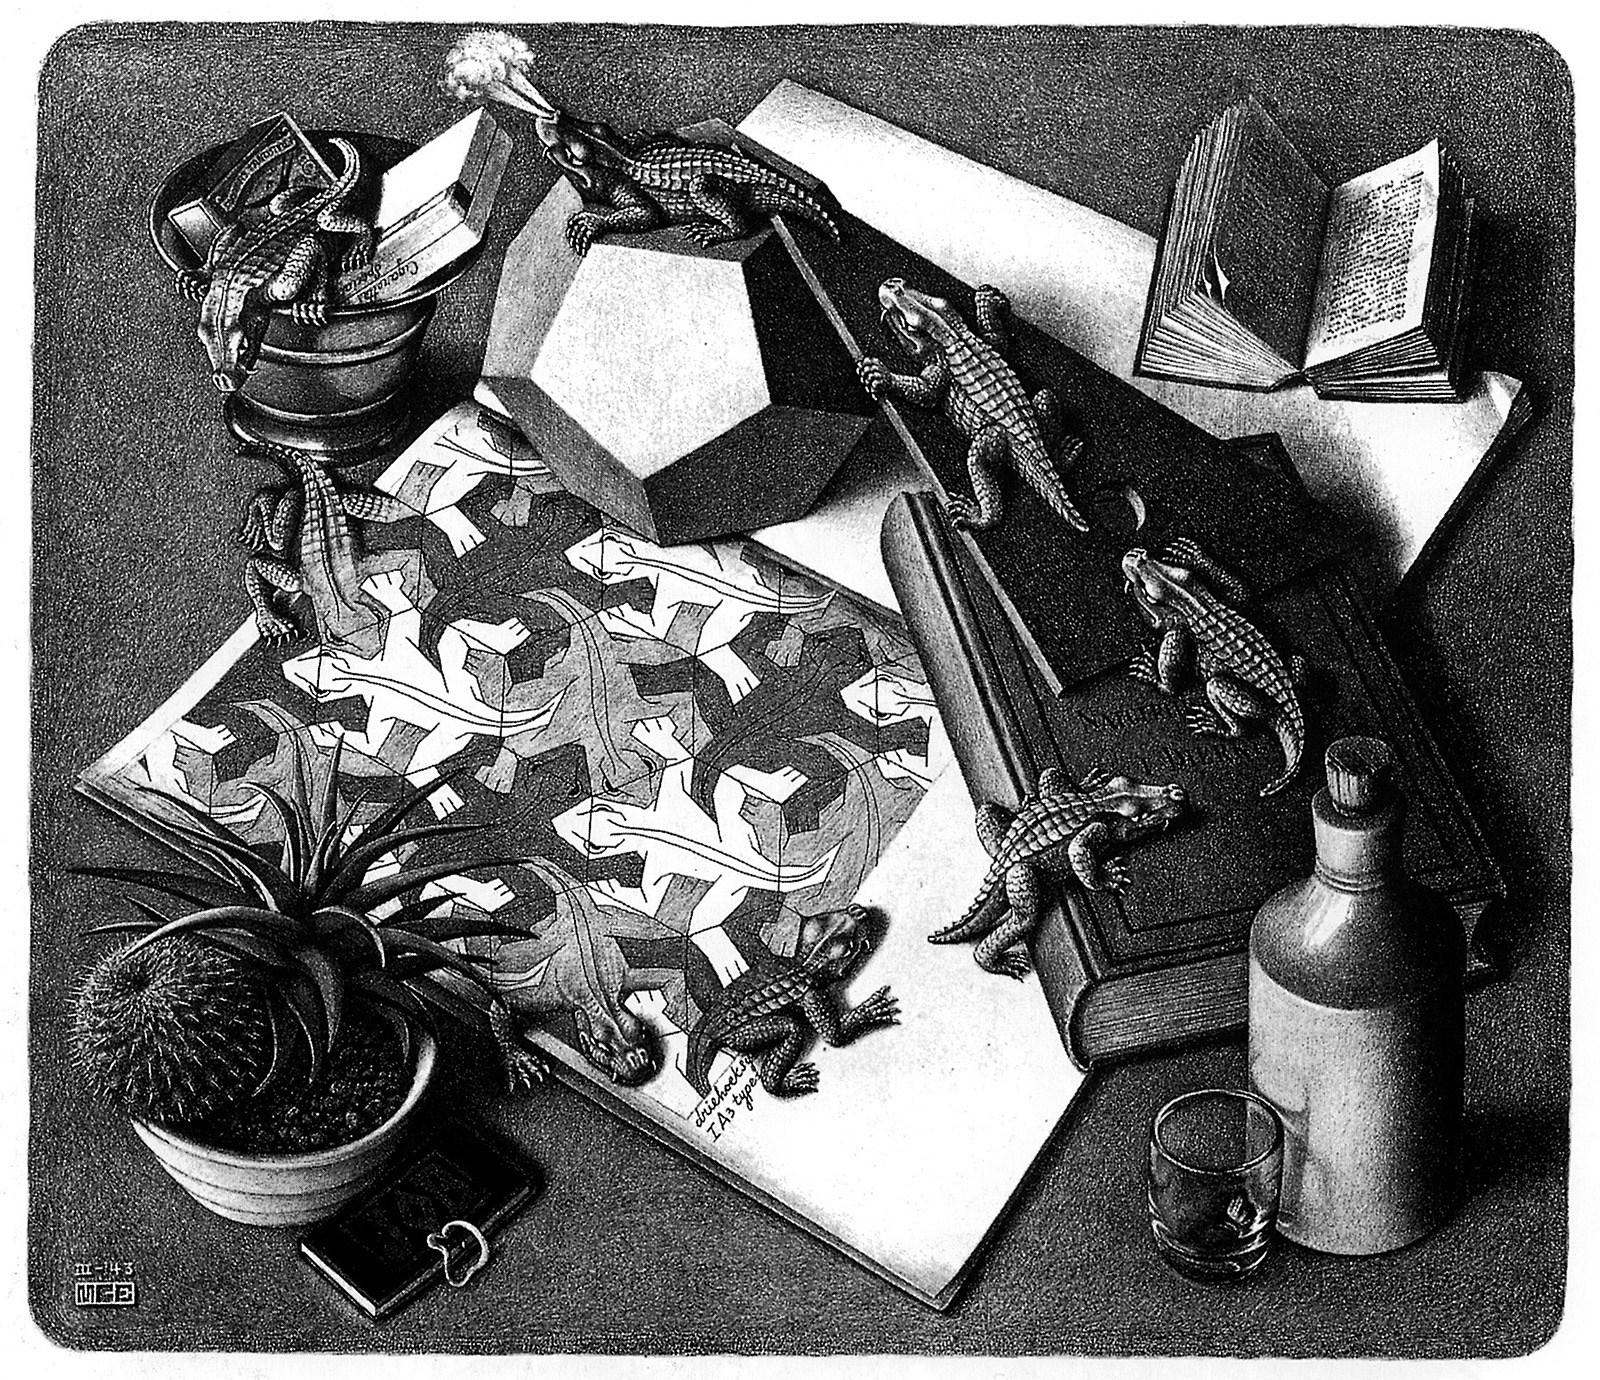 Rettili (1943) litografia di M. C. Escher.